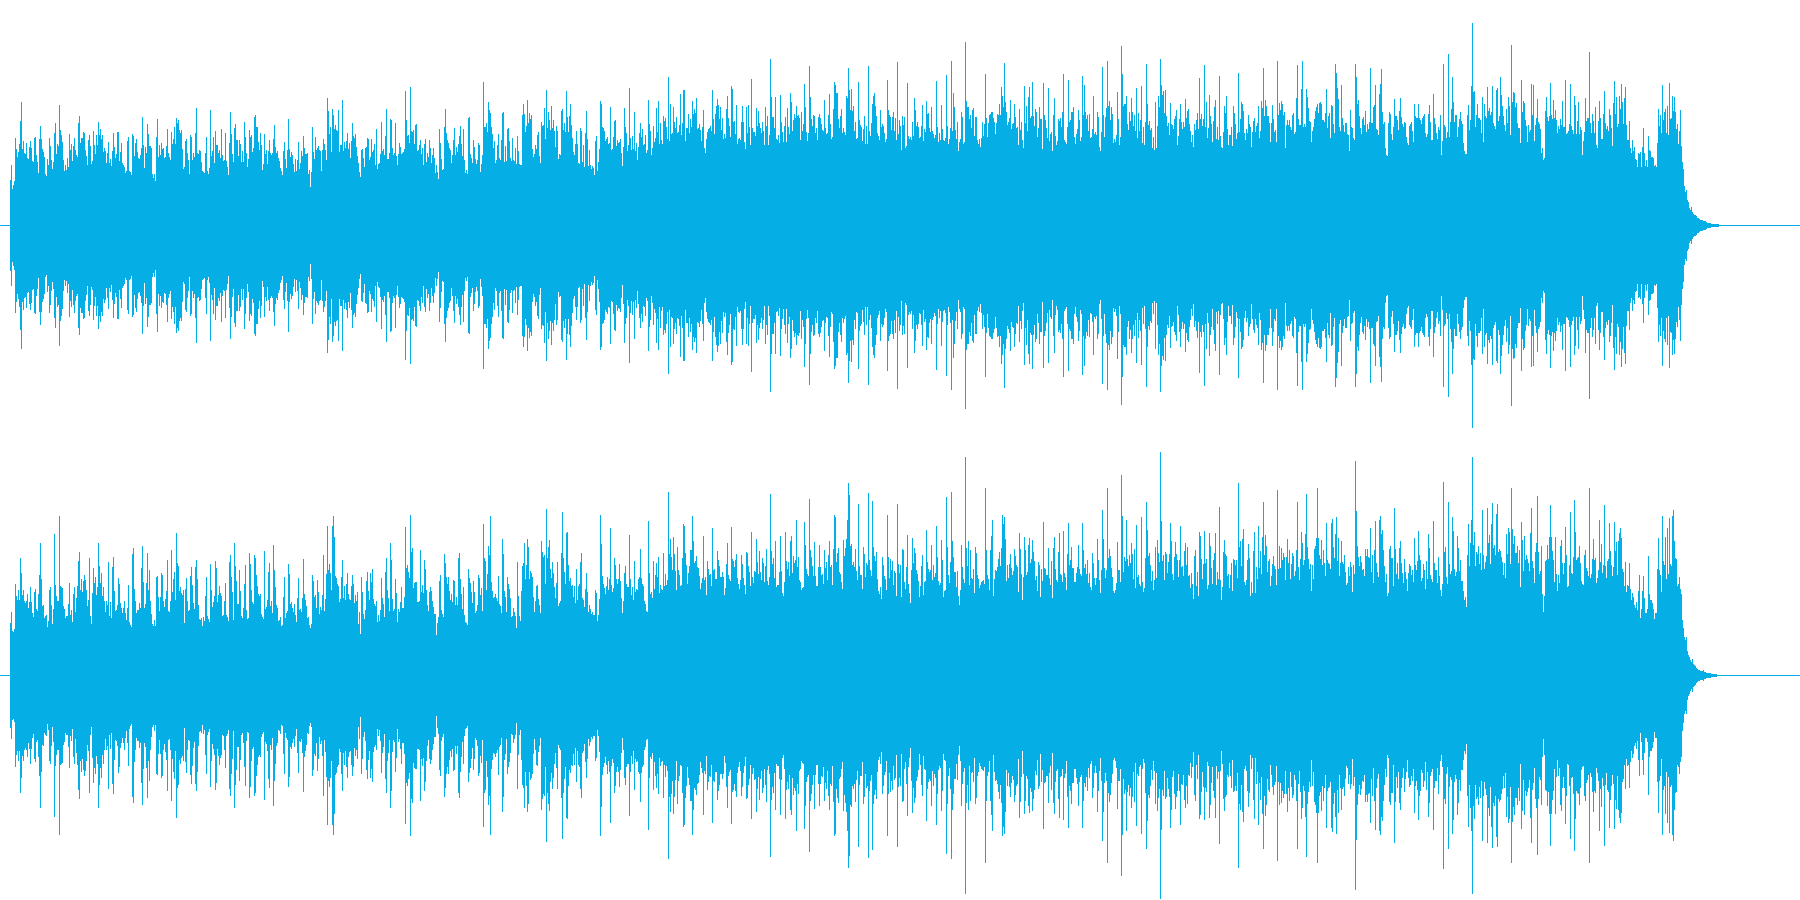 バイタリティー溢れるタフなロックの再生済みの波形